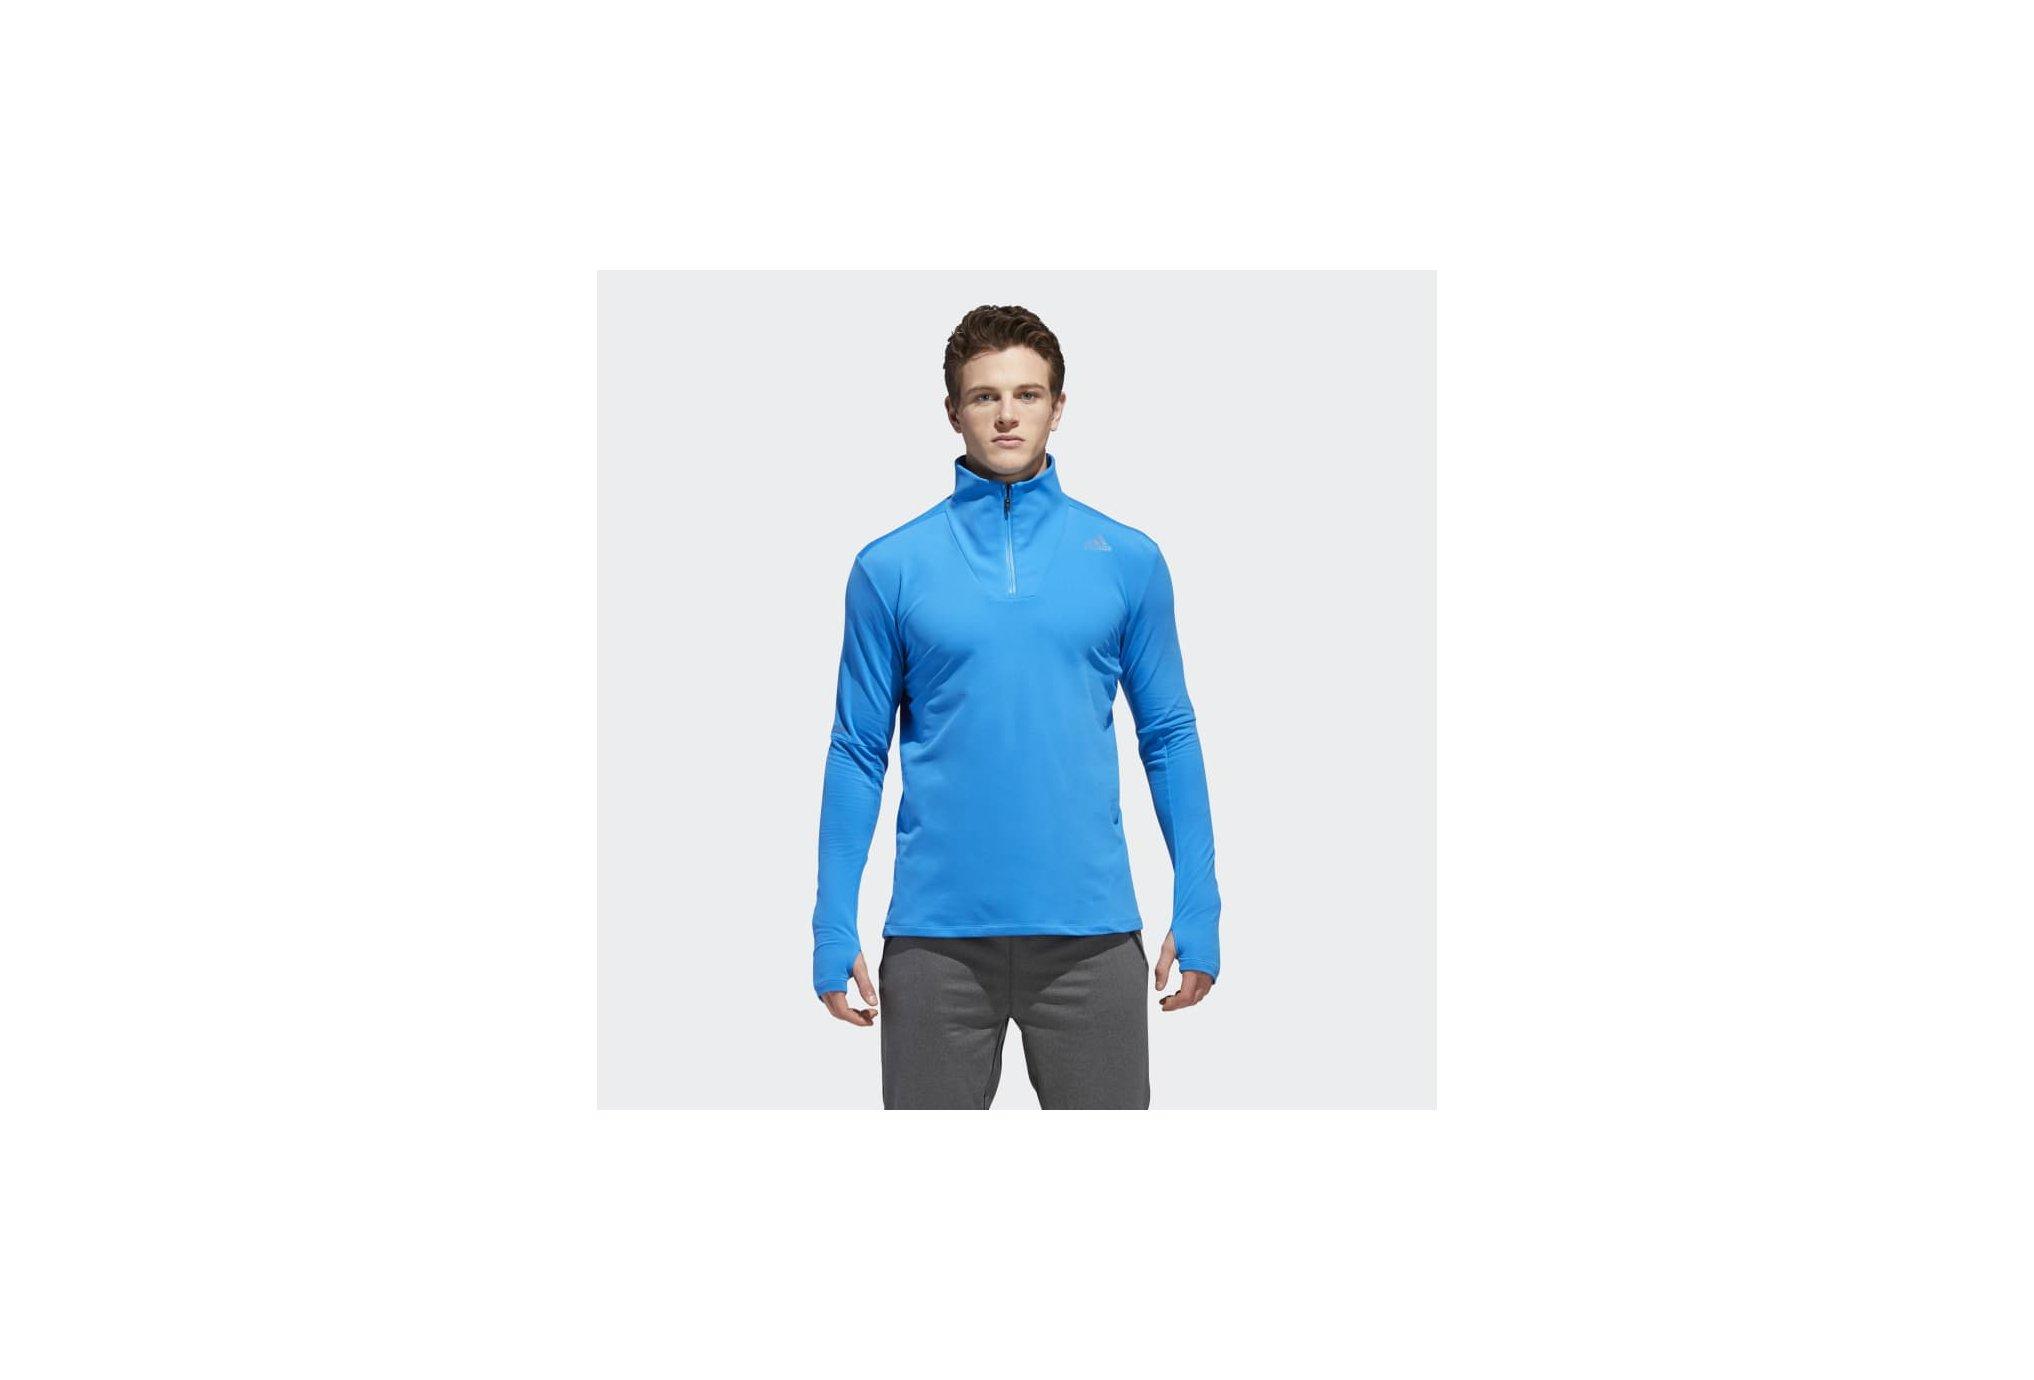 Adidas Supernova 1/4 zip m vêtement running homme